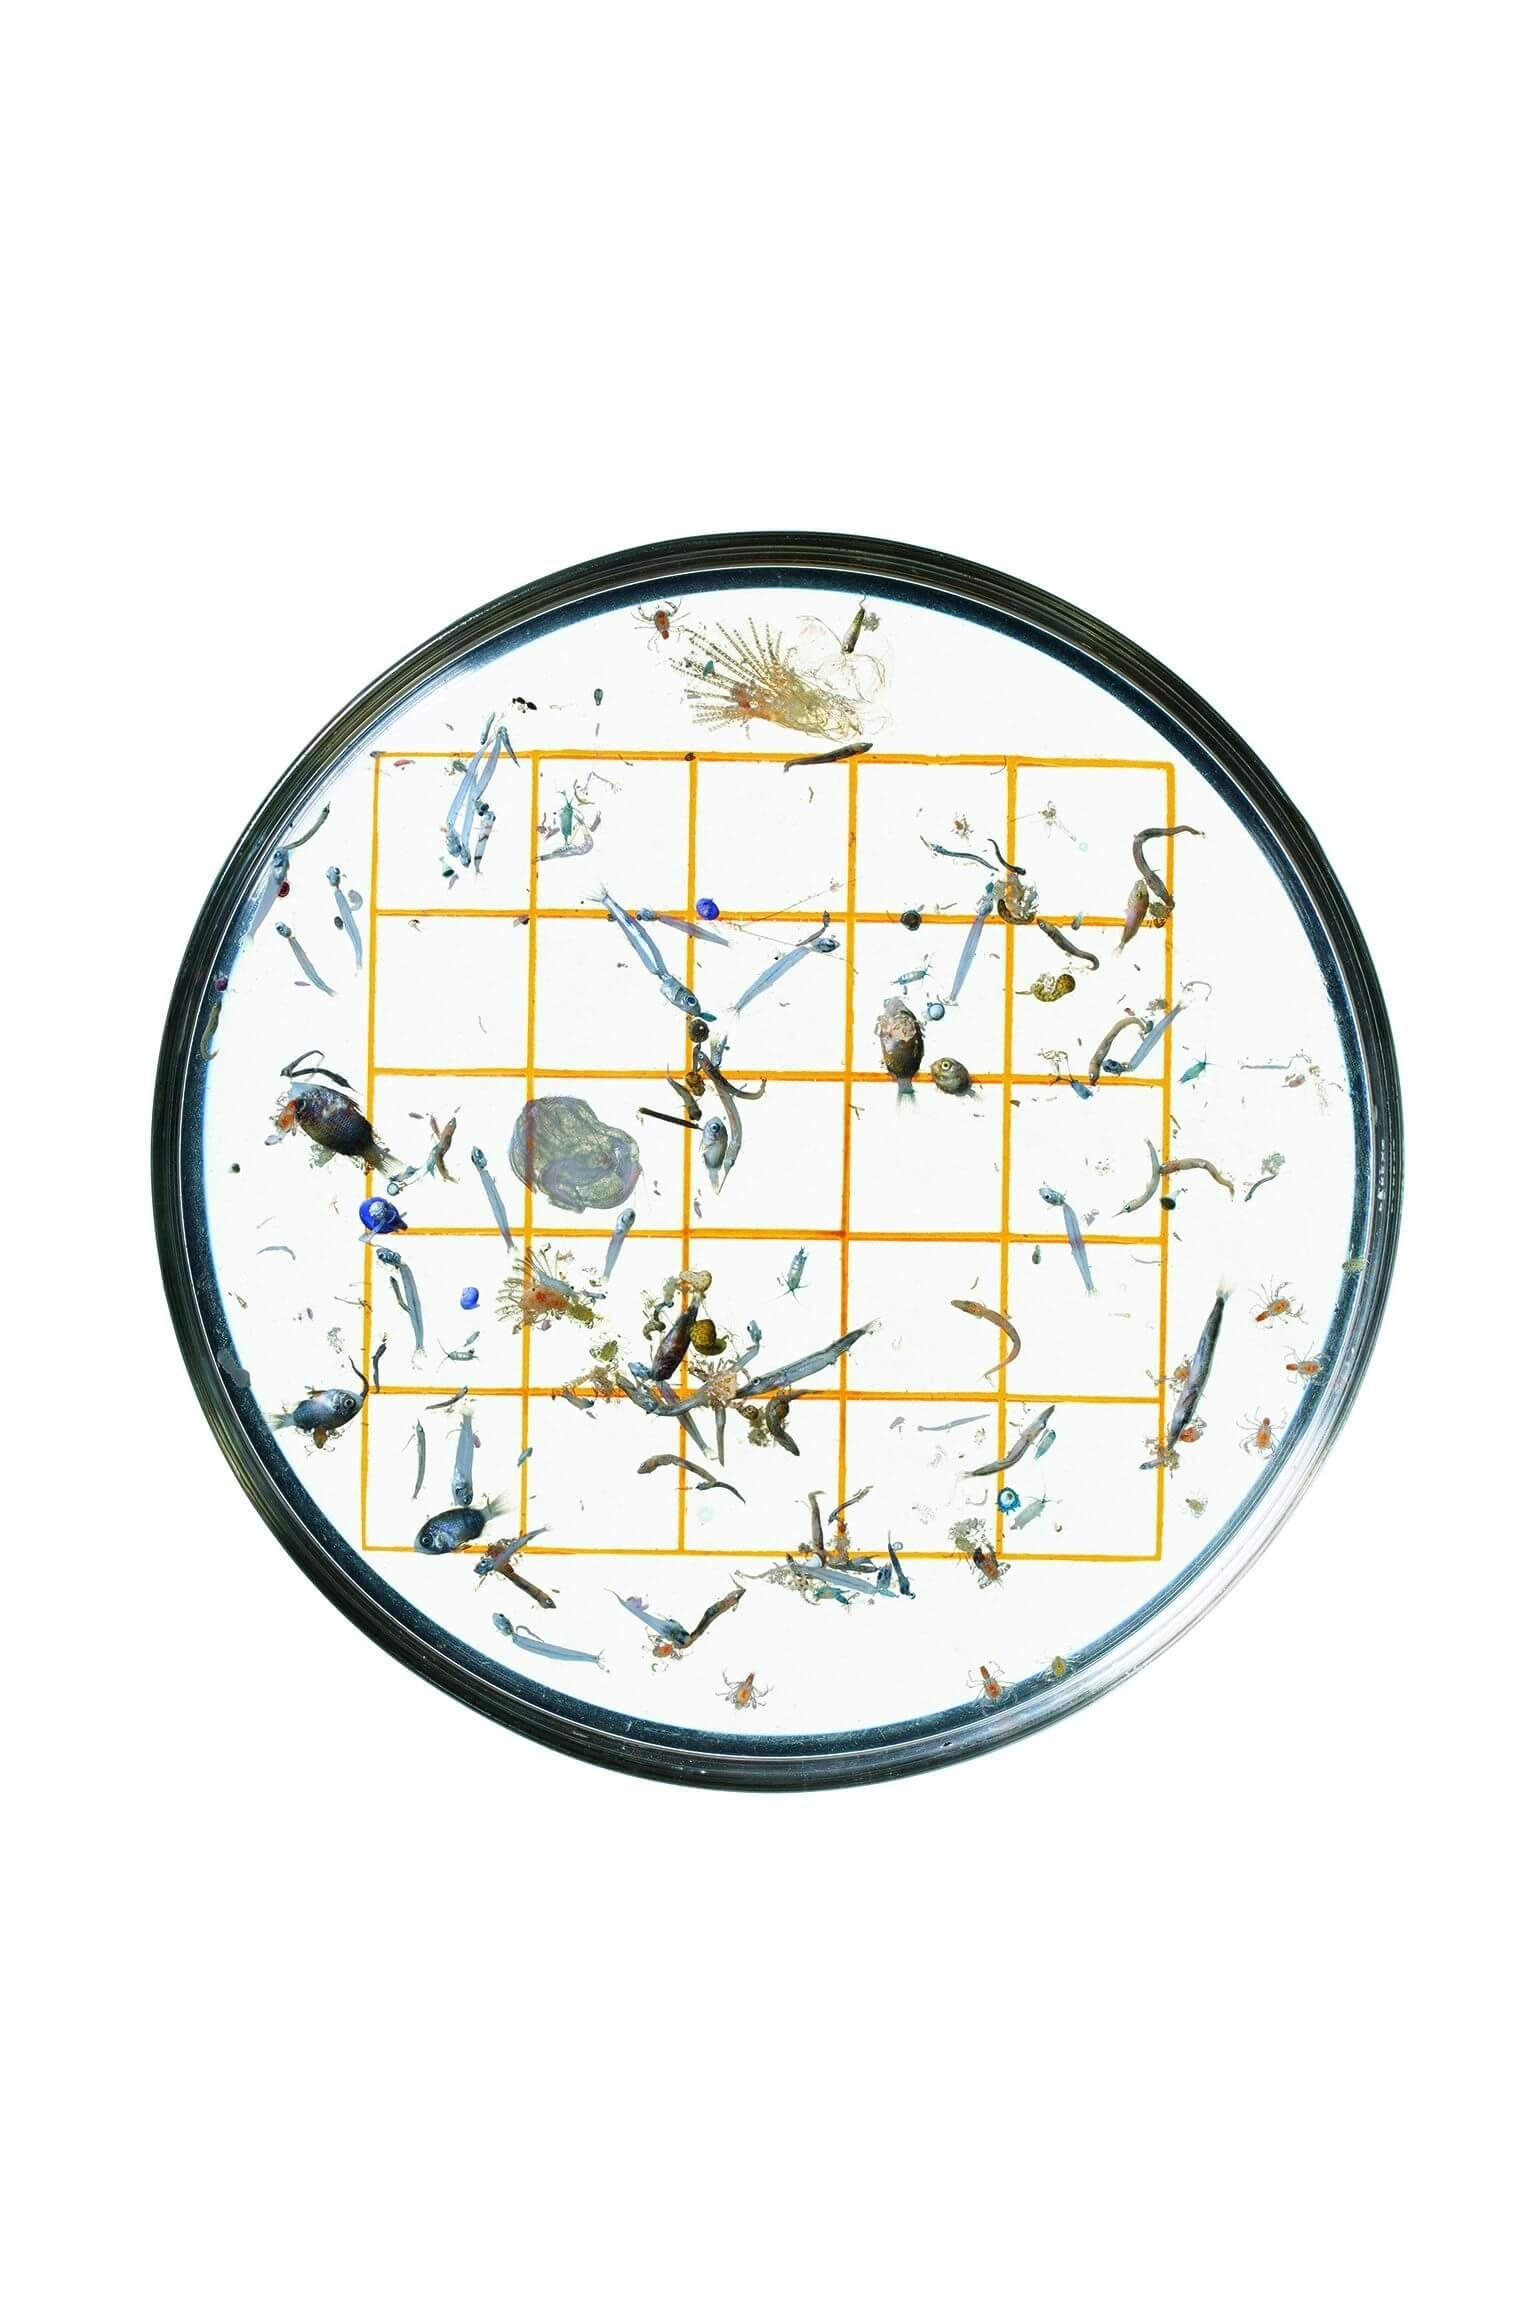 畫上網格的培養皿有助於NOAA的技術人員整理樣本,並鑑定裡面的微小生物,像是最左排中間格子外的豆娘魚仔魚。每個格子的長寬都是1公分。攝影:大衛.李特舒瓦格 David Liittschwager,攝於夏威夷凱魯瓦NOAA太平洋島嶼漁業科學中心的臨時野外實驗室。